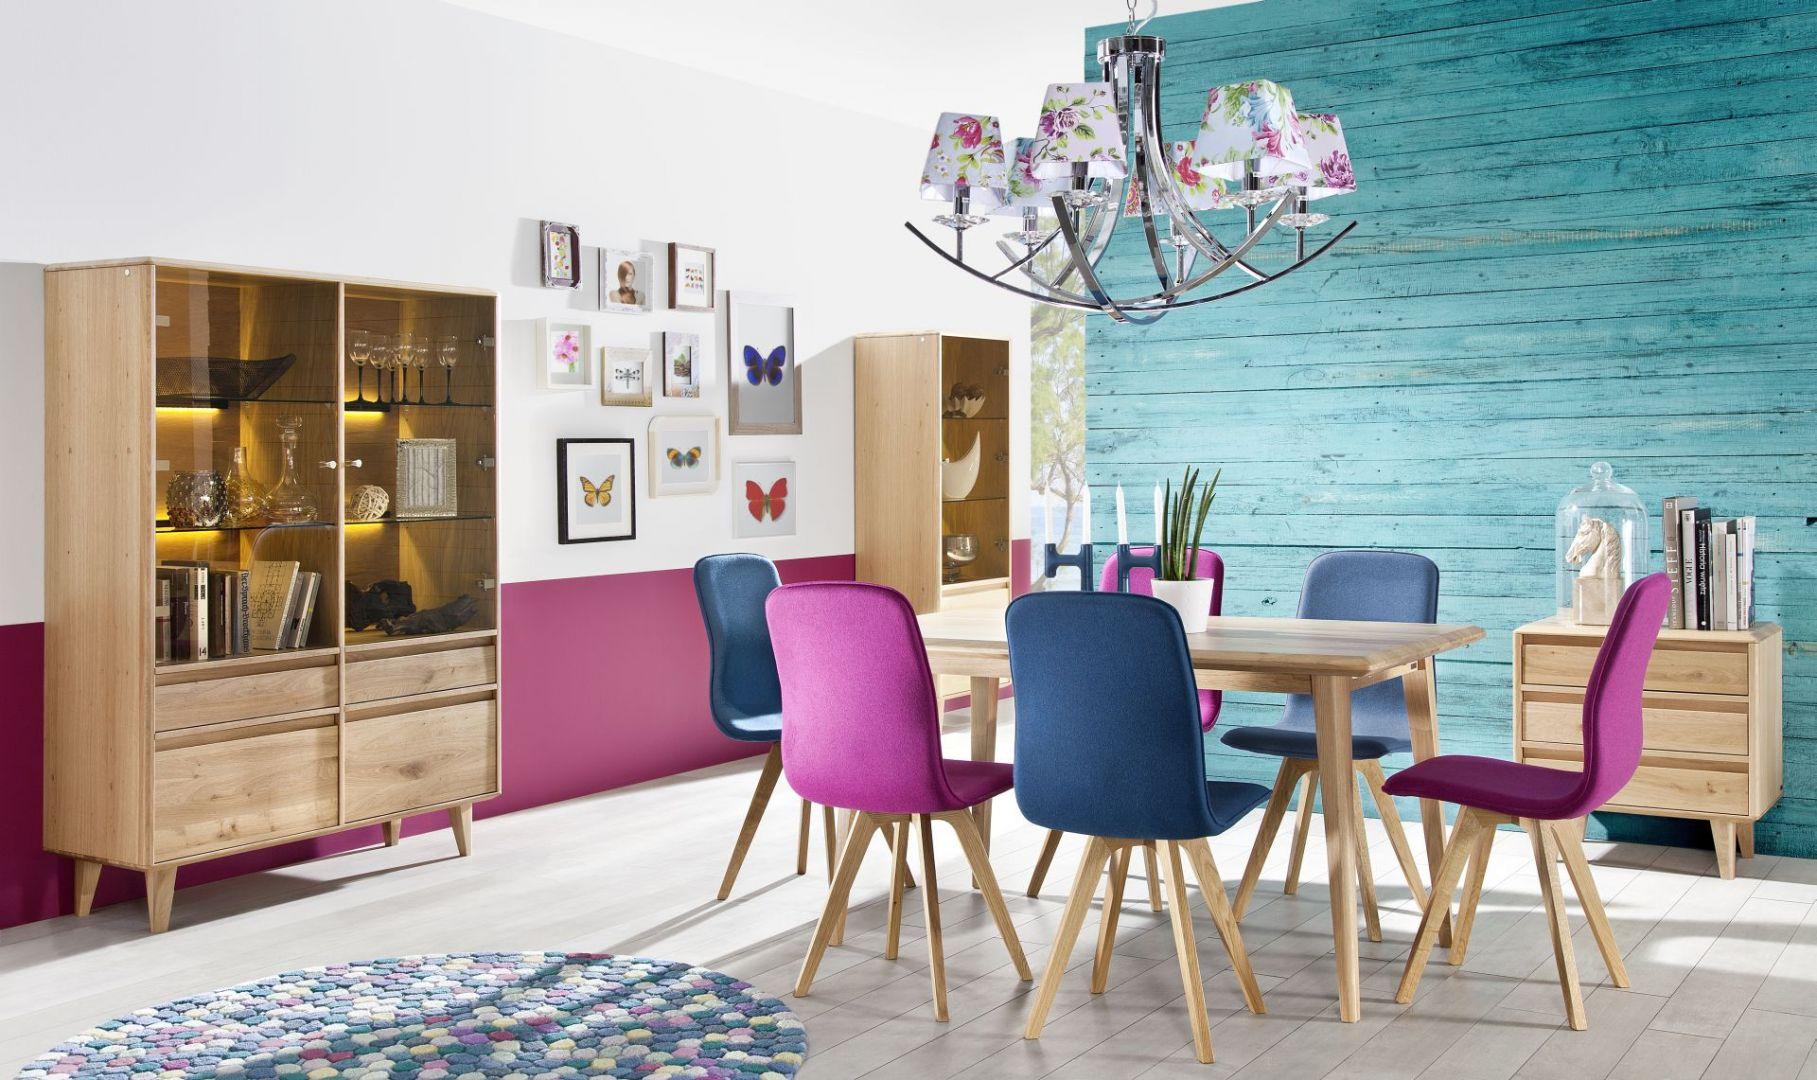 Jadalnia Lovell to proste i bardzo stylowe bryły mebli, wyposażone w ciepłe oświetlenie. Do stołu można dopasować kolorowe krzesła. Fot. Meble Matkowski